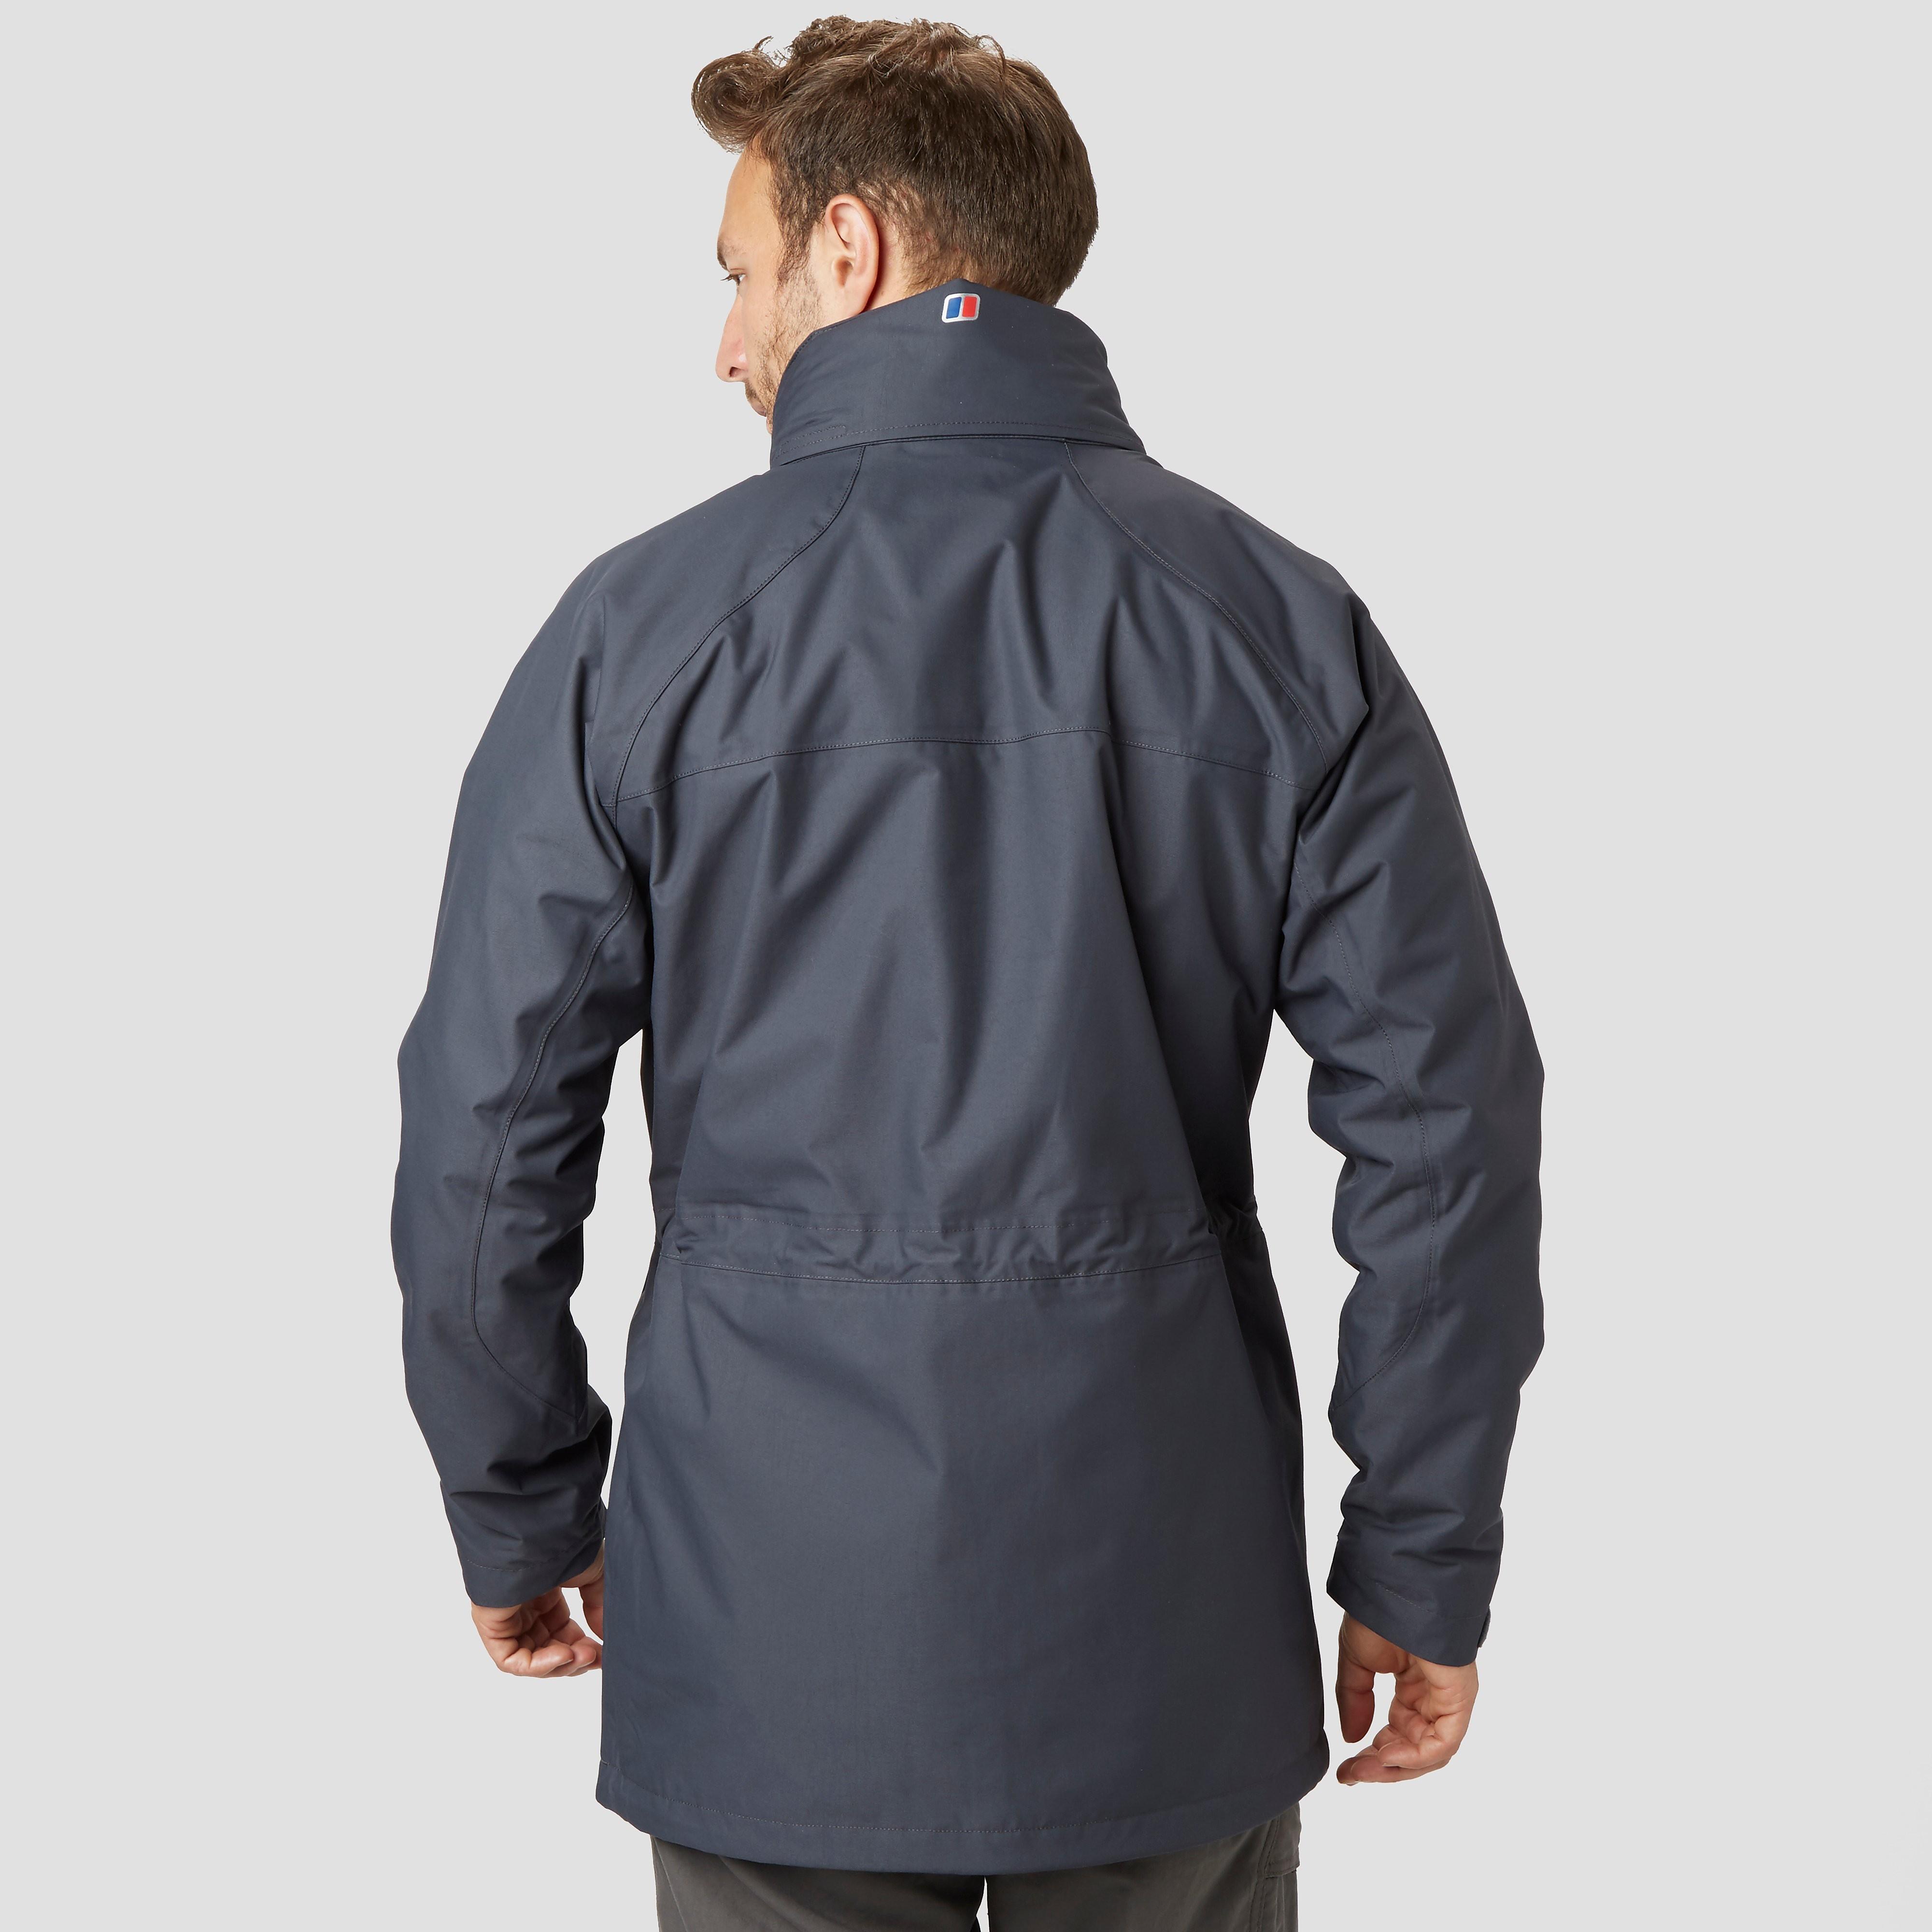 Berghaus Rosgill 3 in 1 Waterproof Men's Jacket